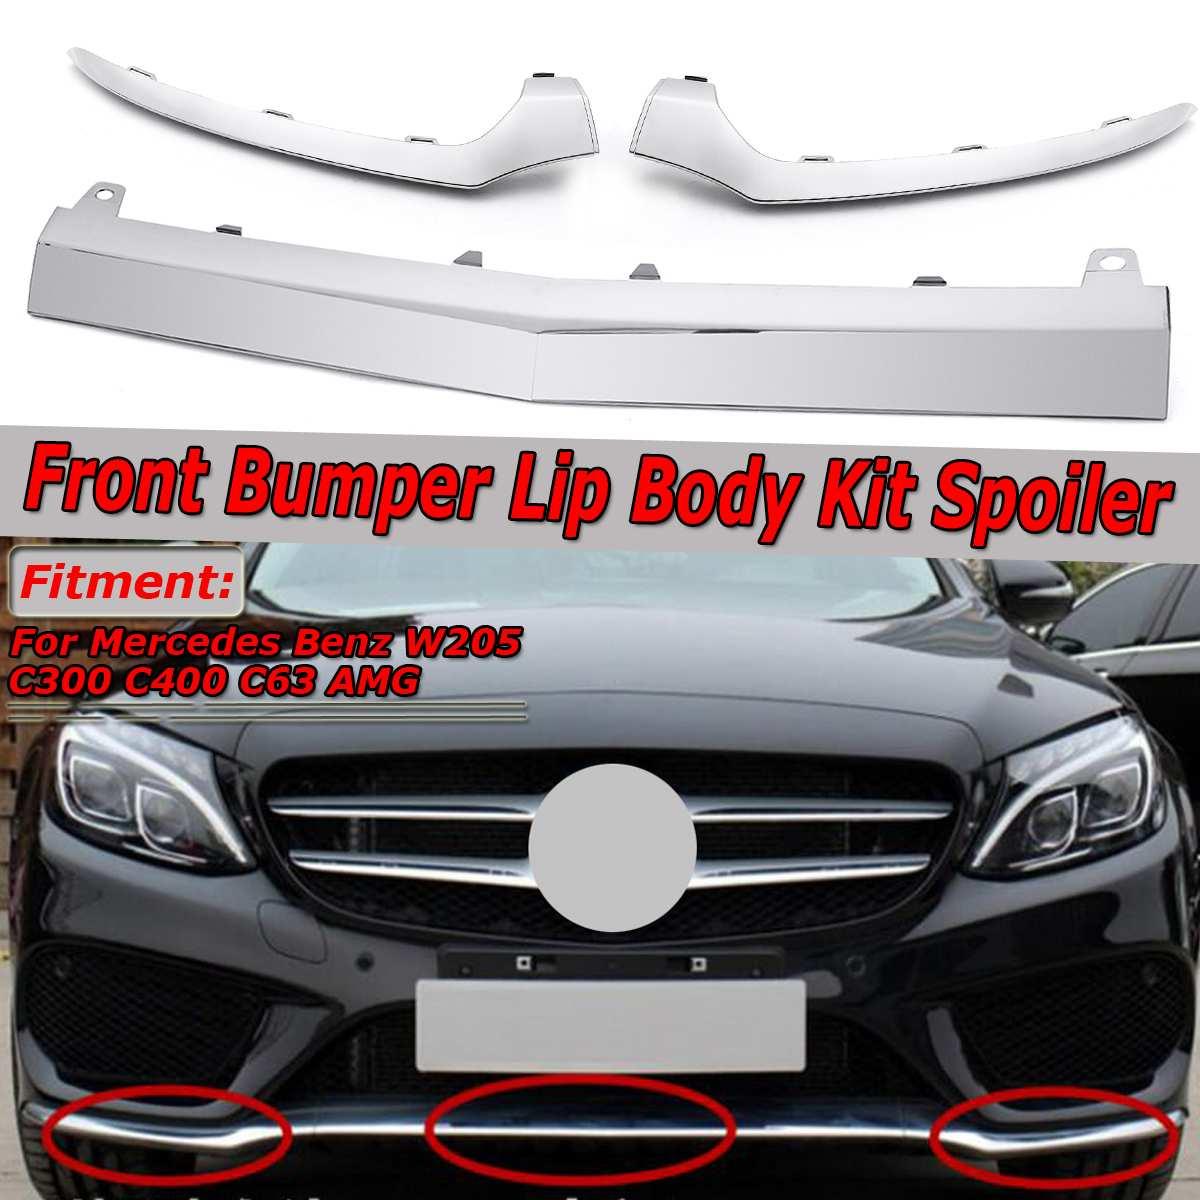 Chrom/czarny samochód przedni dolny zderzak część rozdzielająca nakładki zderzaka chrom odlewnictwo pokrywa tapicerka dla mercedesa dla Benz W205 C300 C400 C63 dla AMG